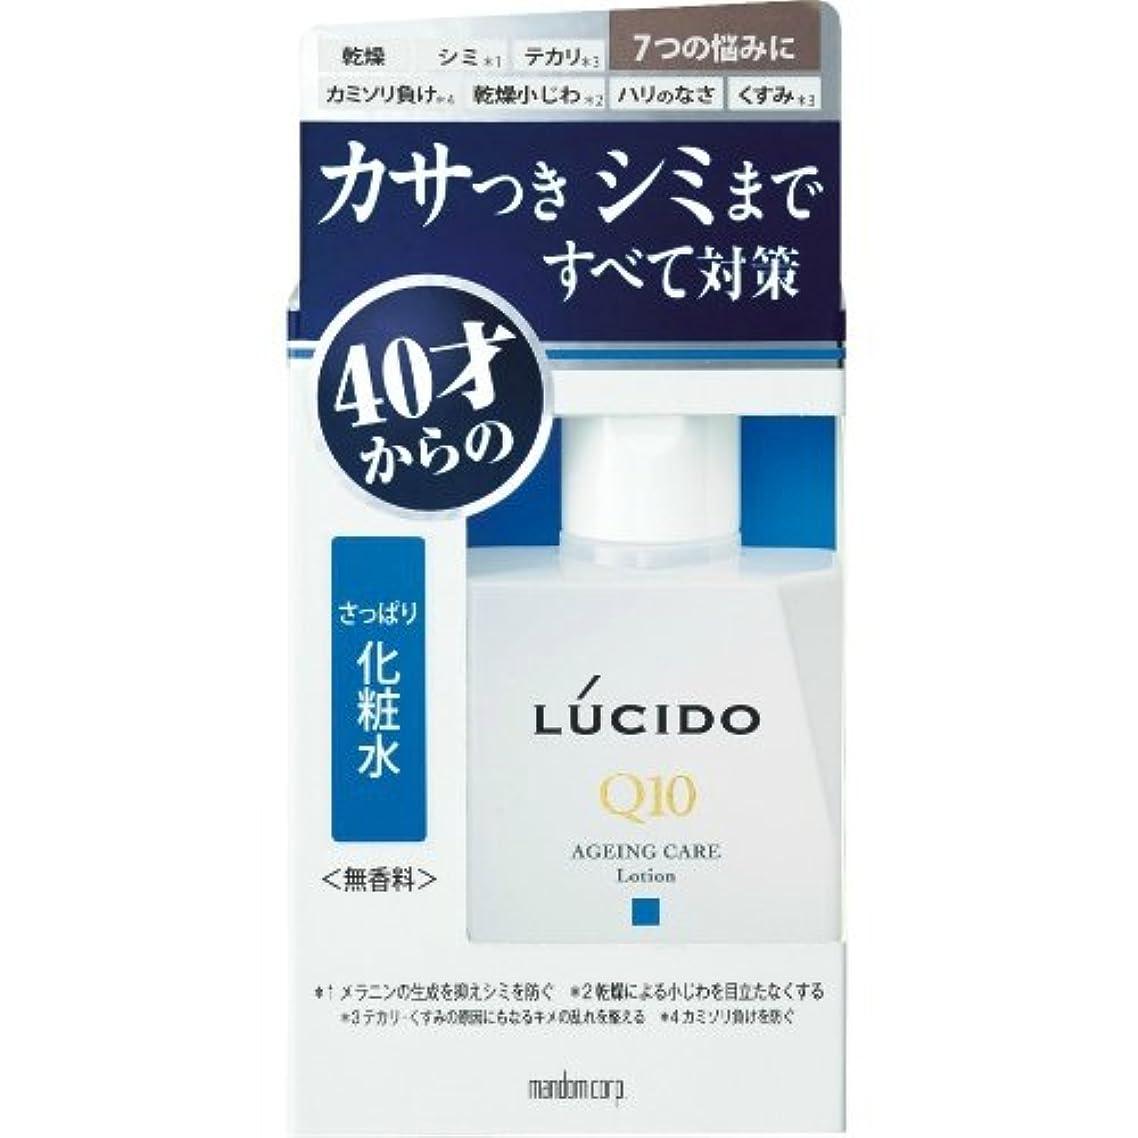 床を掃除する補うようこそMANDOM マンダム ルシード 薬用トータルケア さっぱり化粧水 無香料 110ml ×10点セット(4902806107296)